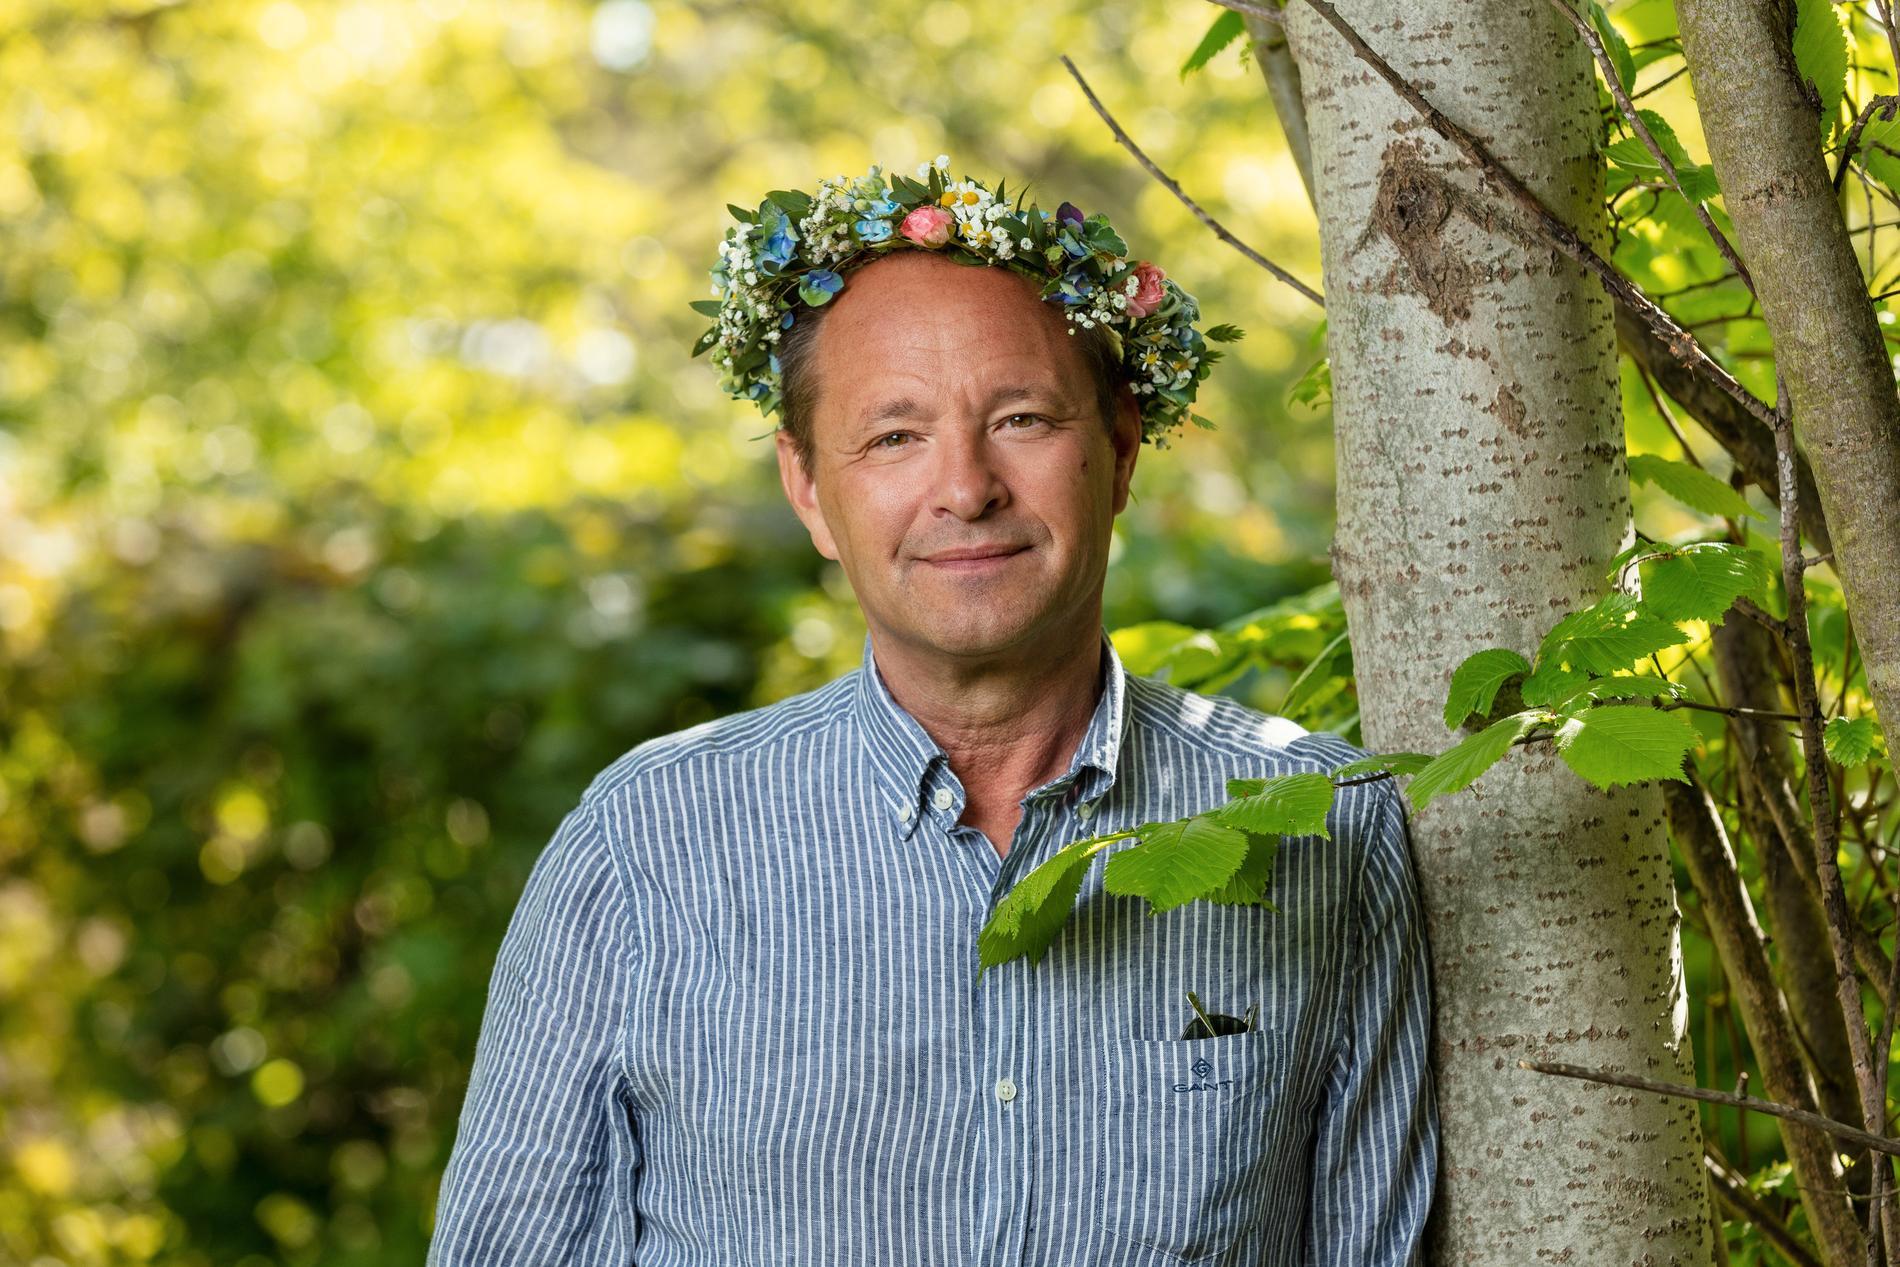 Björn Olsen, överläkare och professor i infektionssjukdomar, är inte bara en entusiastisk fågelskådare. Han är också en ihärdig kritiker av Folkhälsomyndigheten och den svenska strategin under coronapandemin.